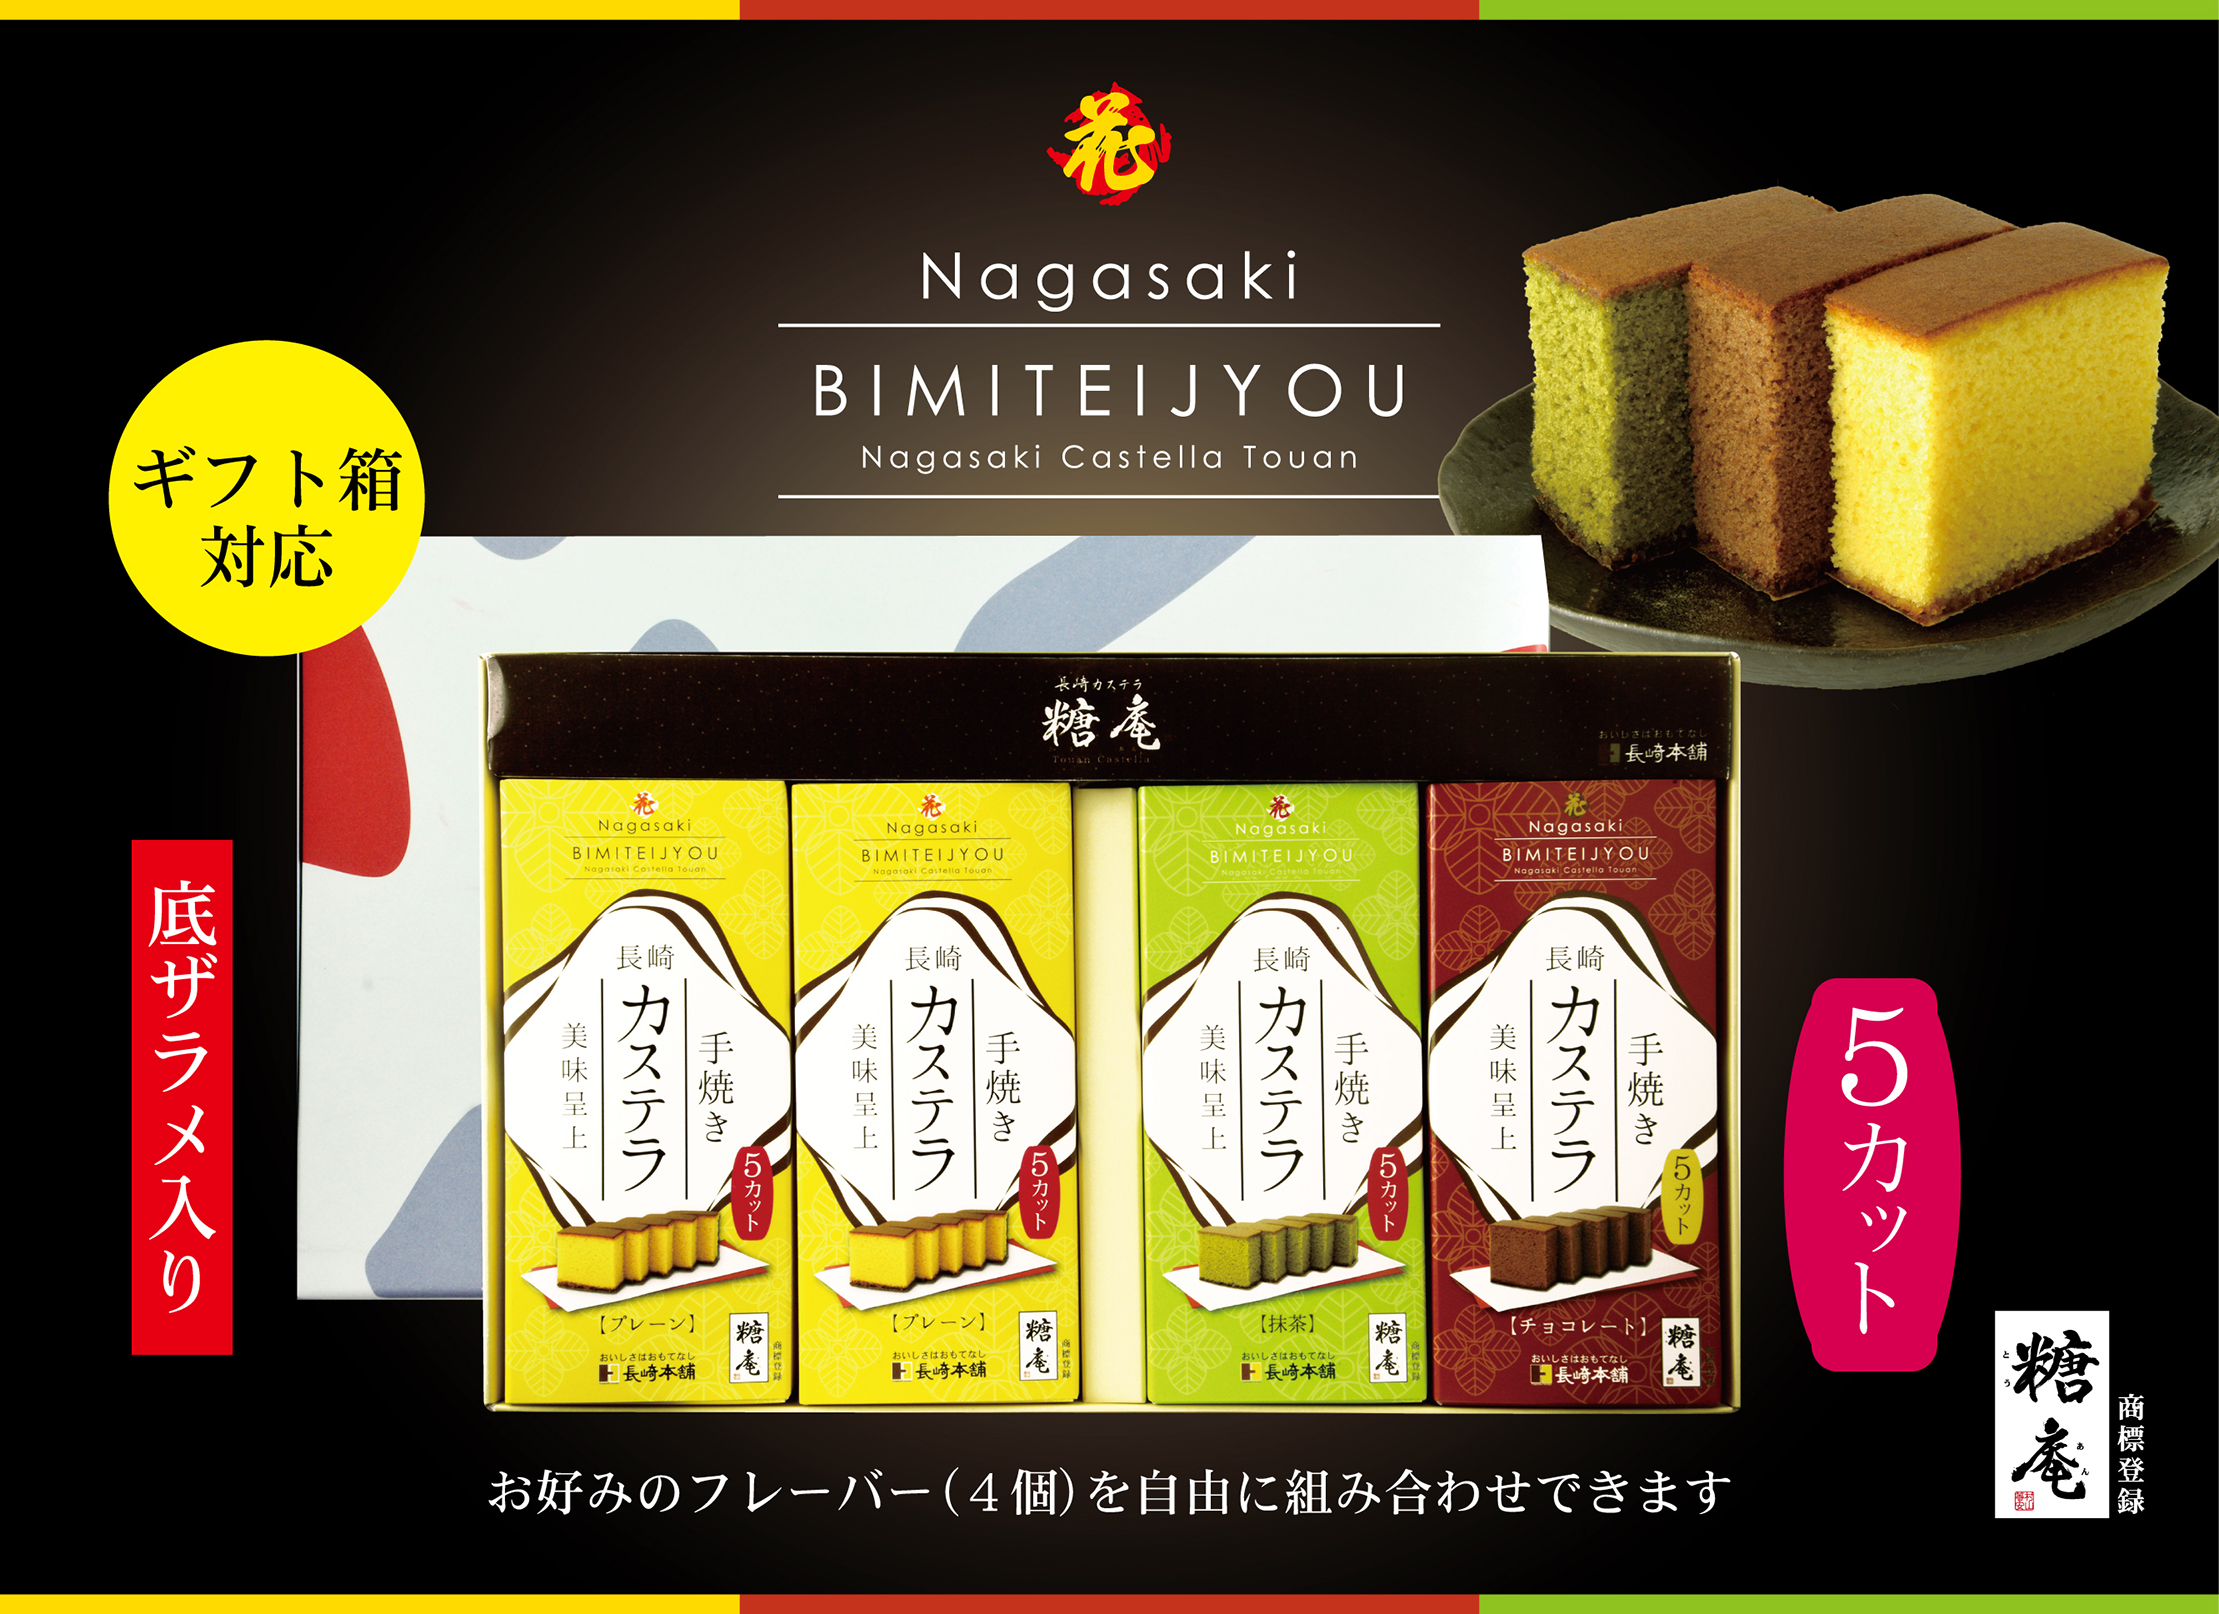 美味呈上4個詰め合せ【プレーン×2 抹茶×1 チョコレート×1】※詰合せ内容(フレーバー)は自由に選べます